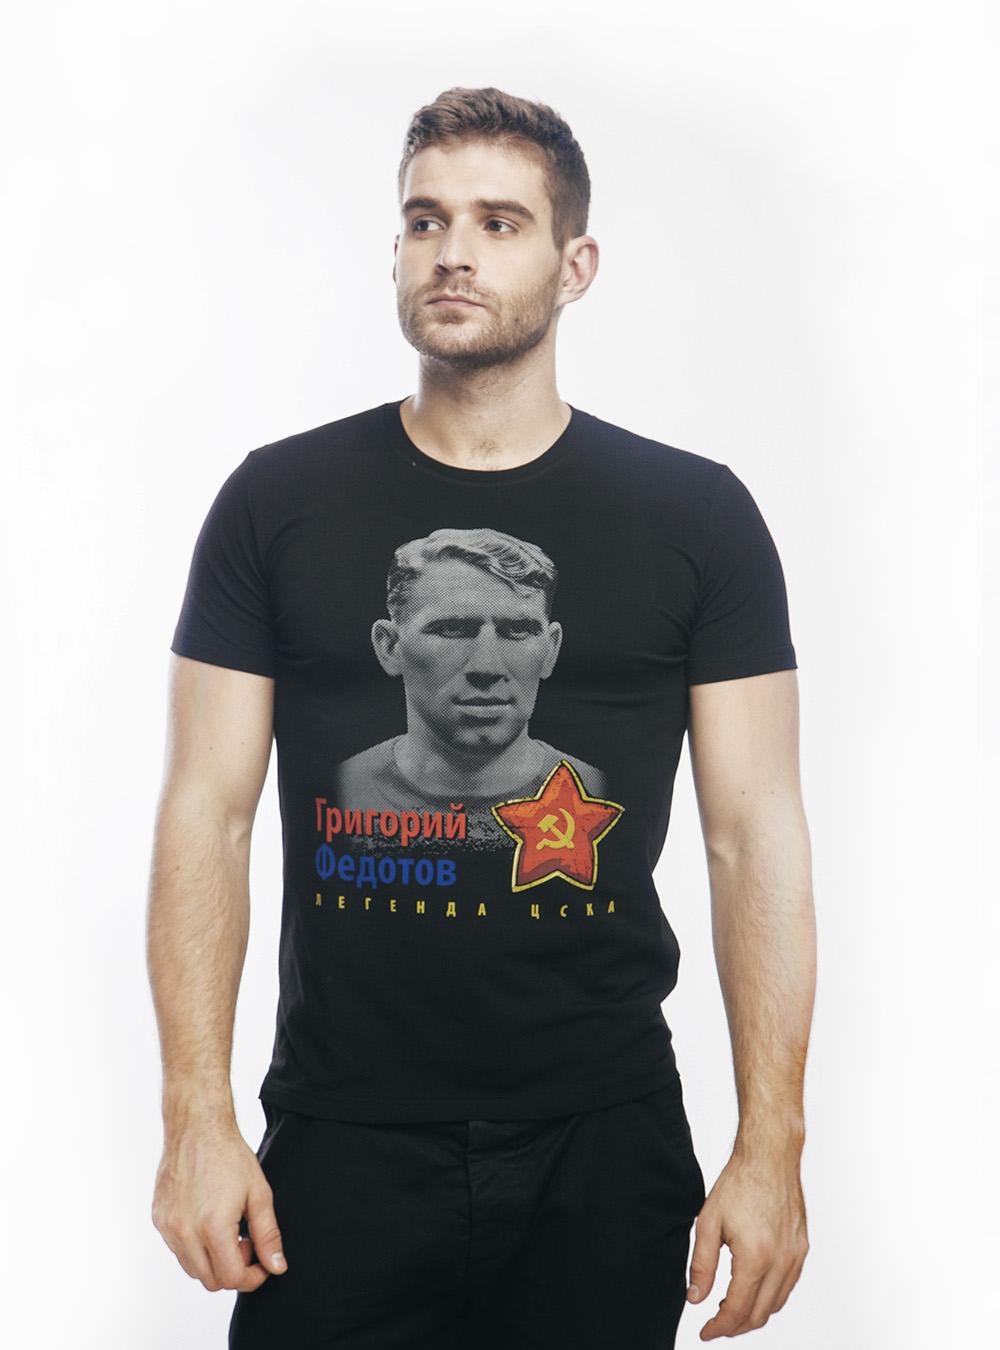 Купить Футболка мужская «Григорий Федотов», цвет черный (M) по Нижнему Новгороду